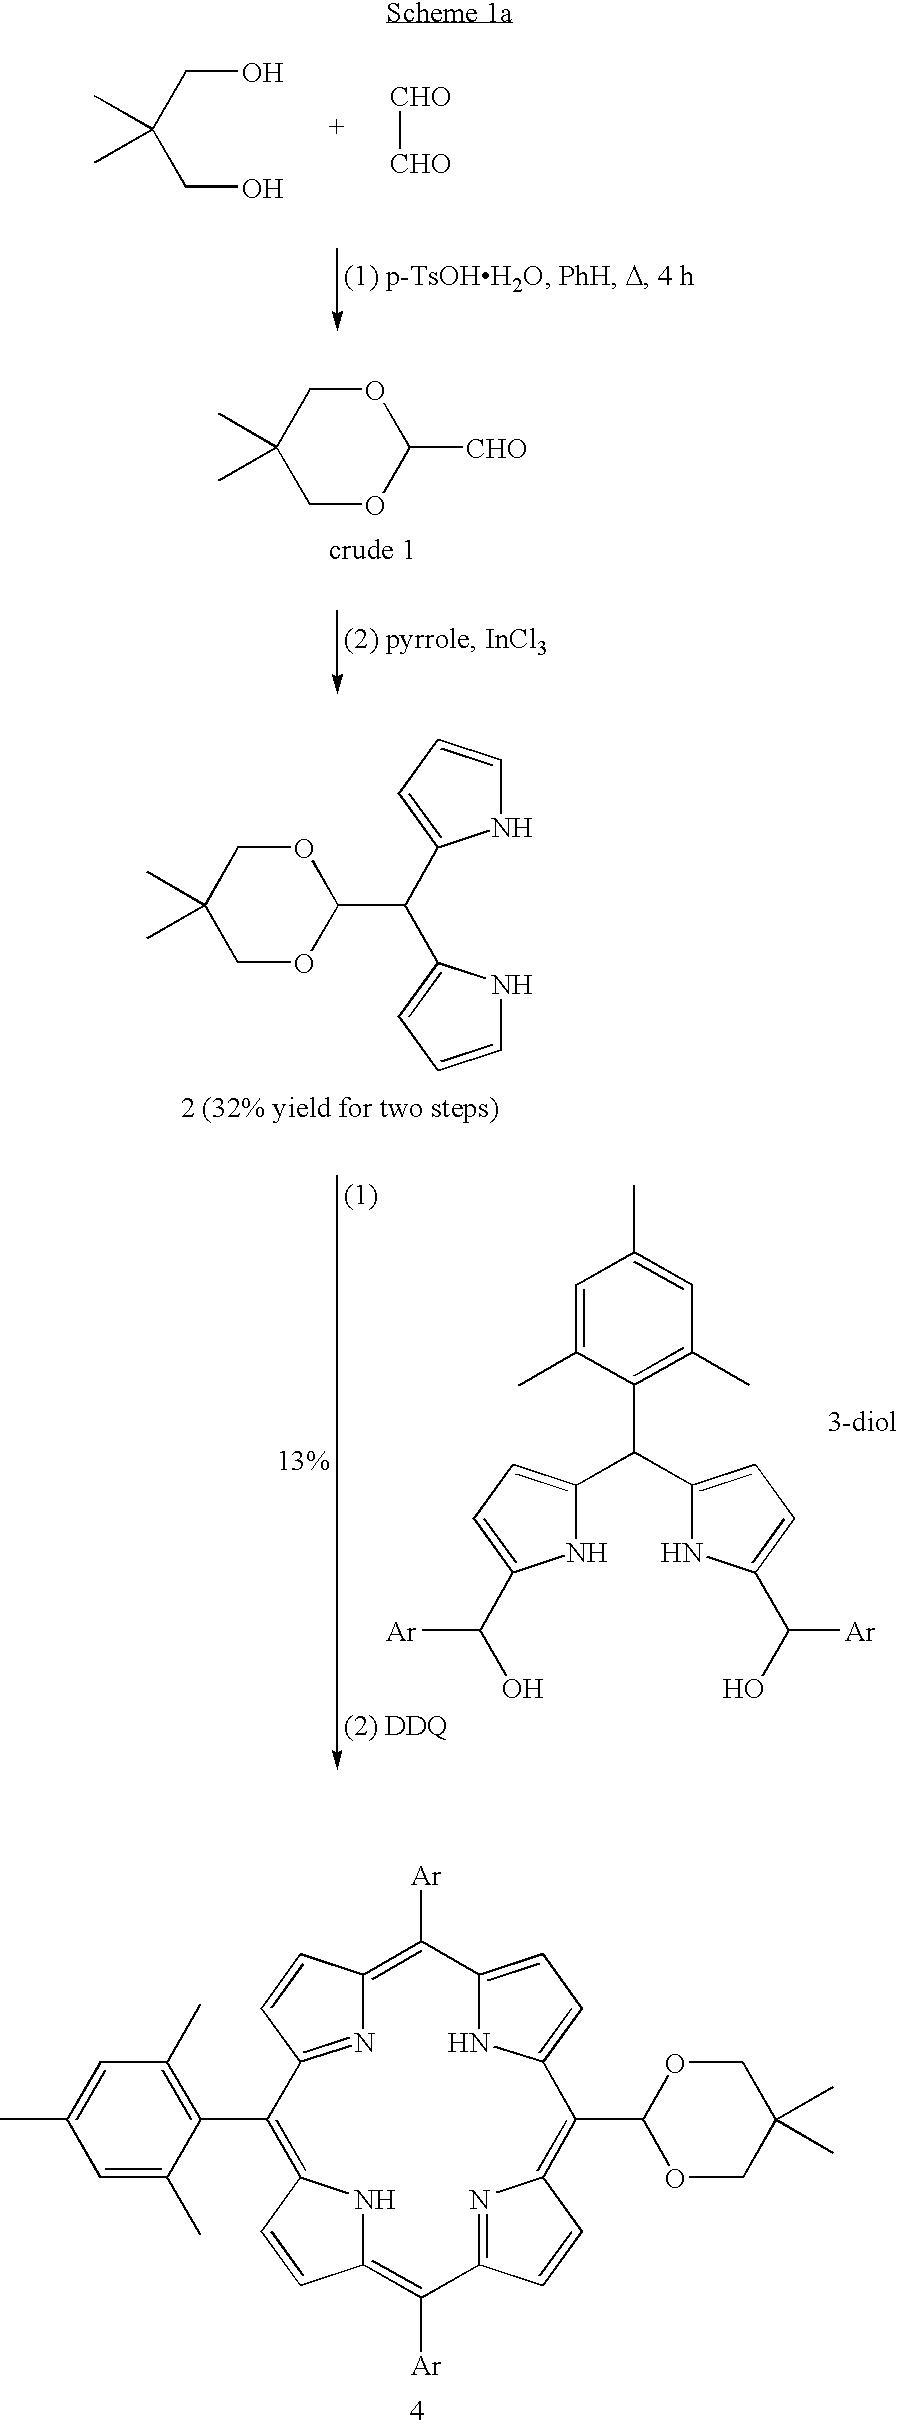 Figure US20090137795A1-20090528-C00005